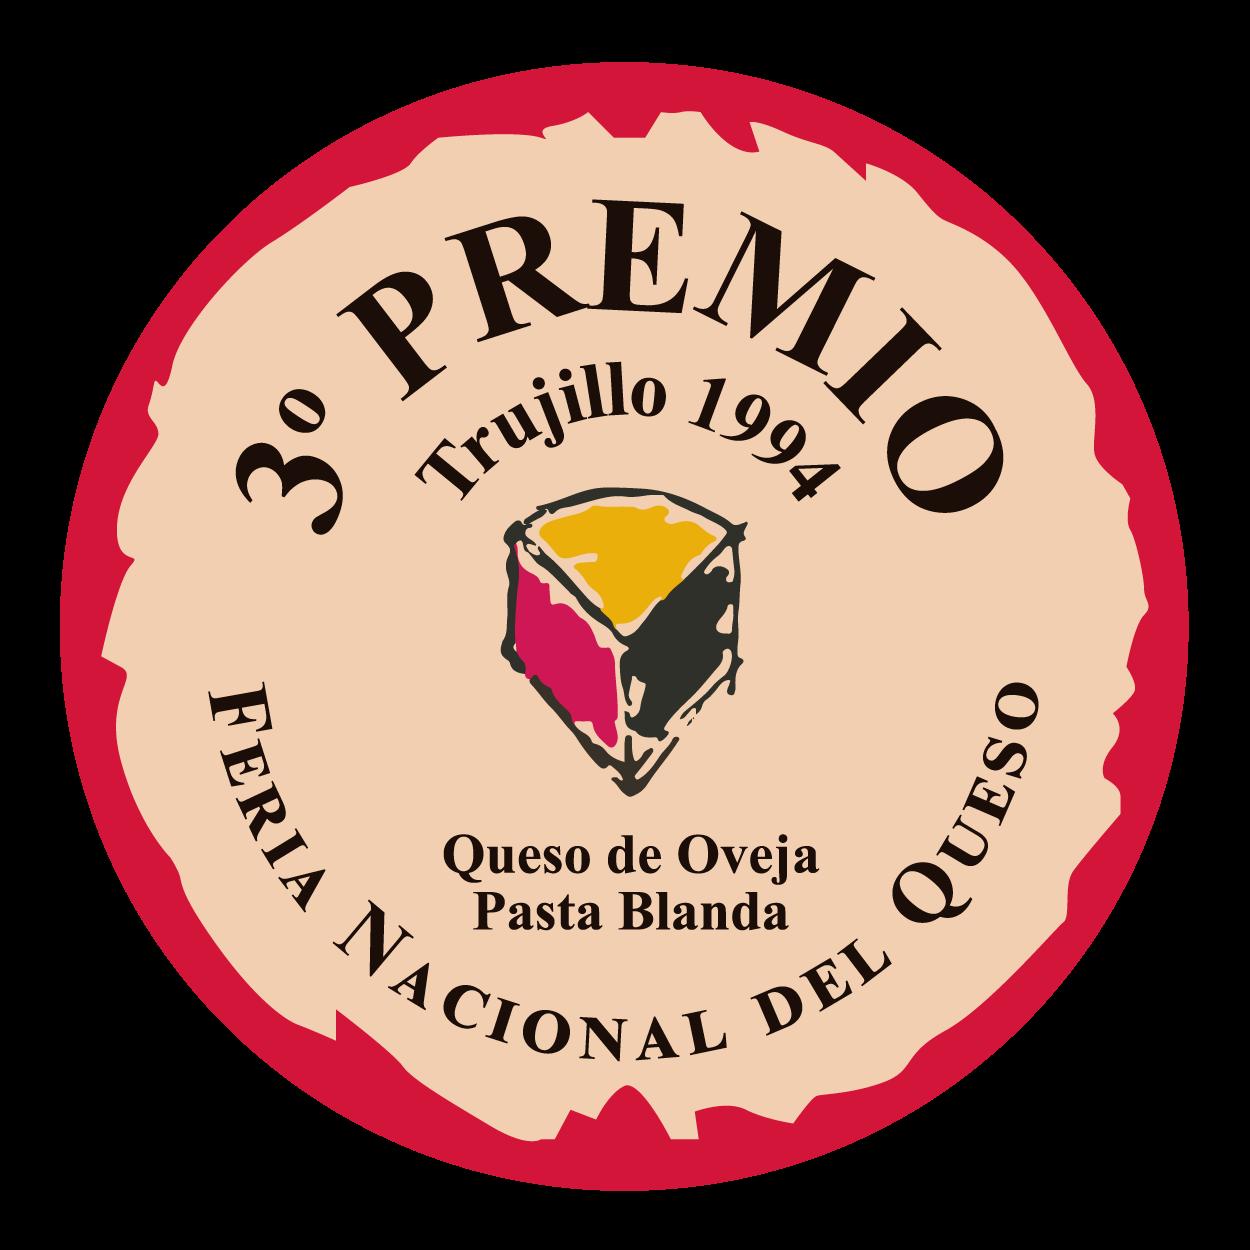 Feria Nacional del Queso de Trujillo <br> 3º premio - Pasta blanda (1994)